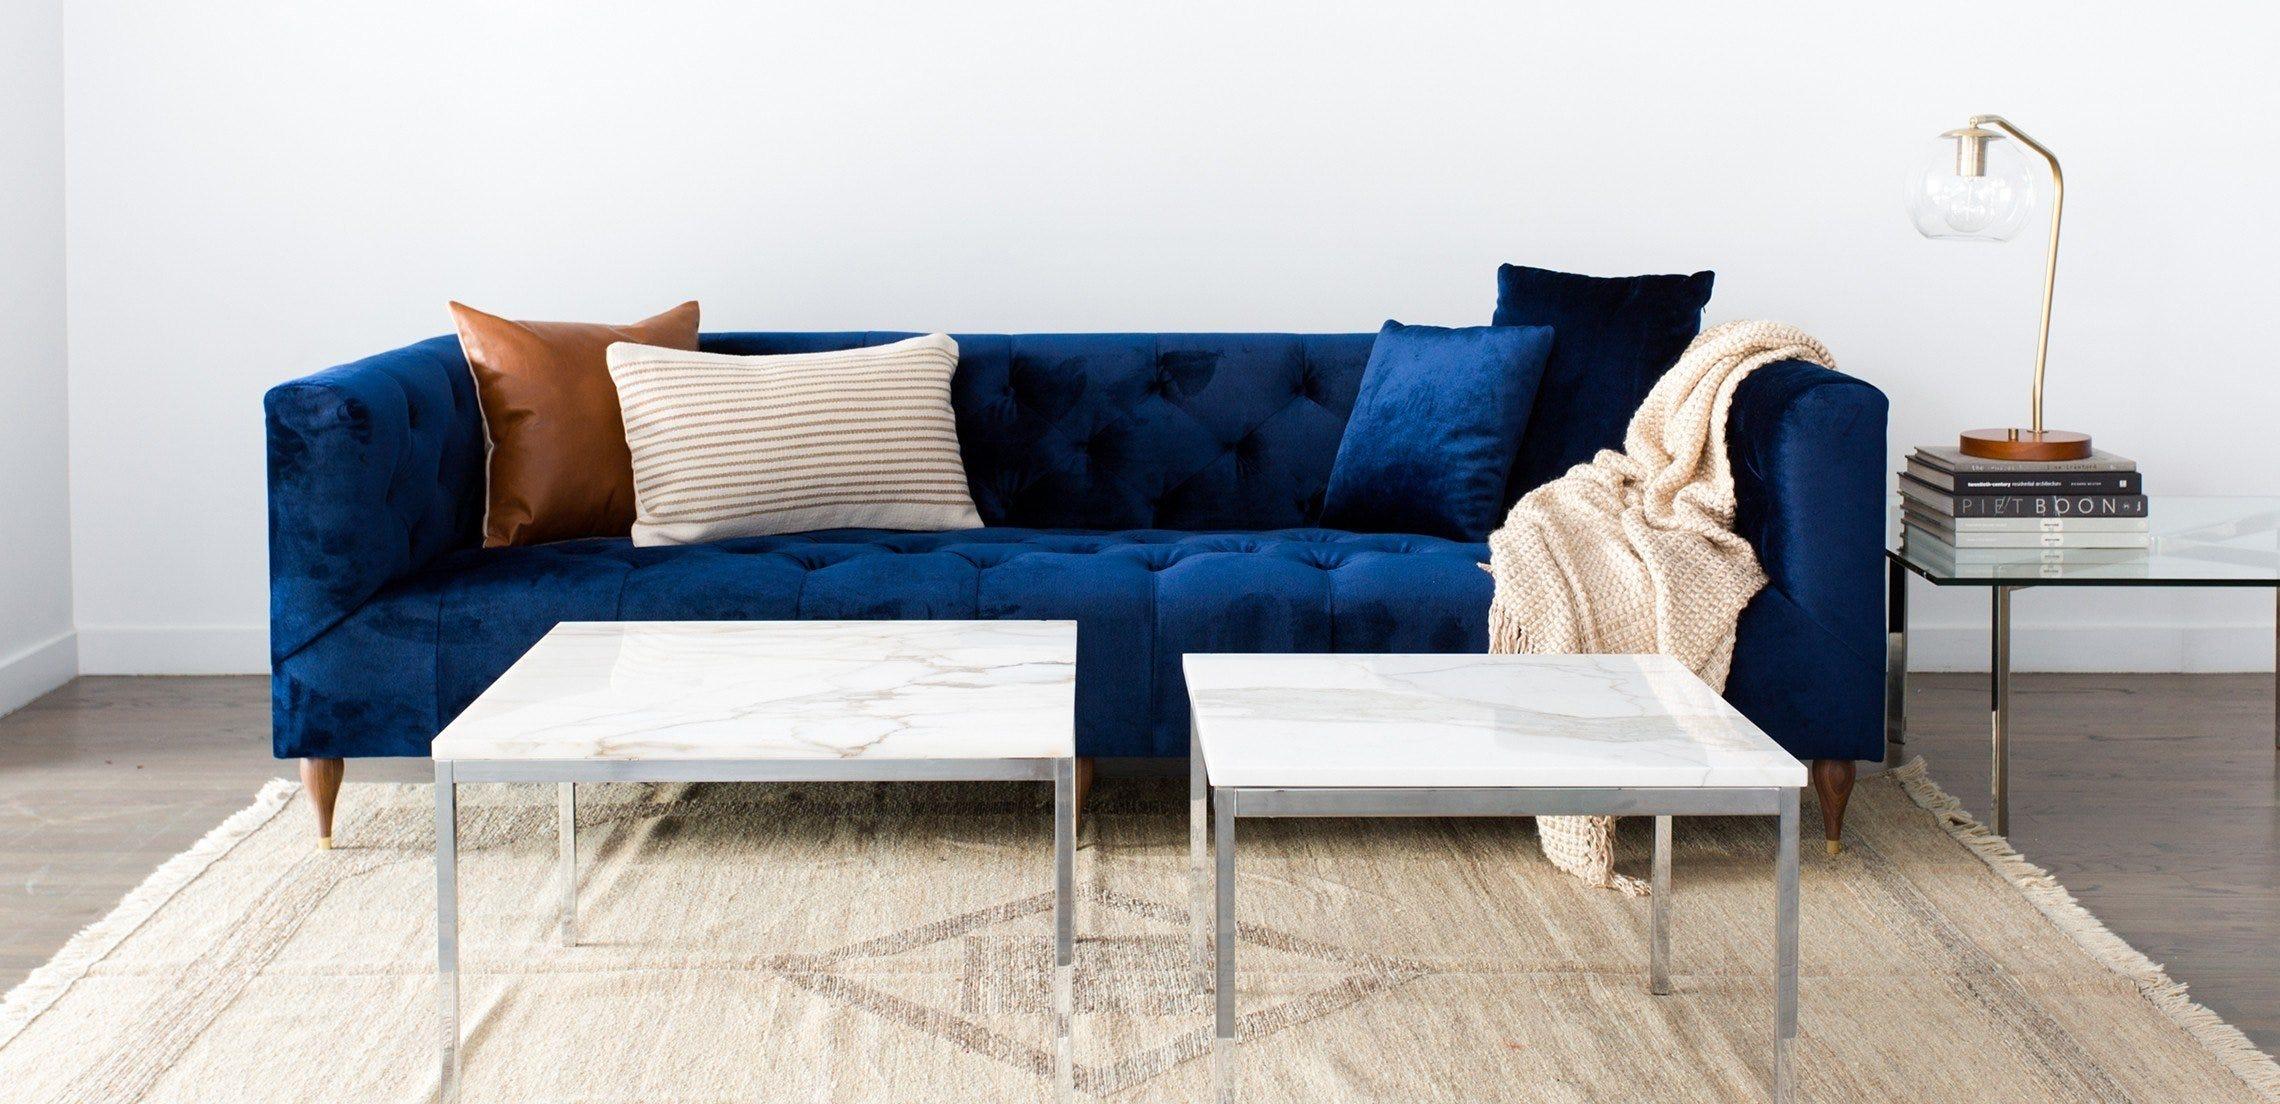 Interior Define: Ms. Chesterfield Sofa